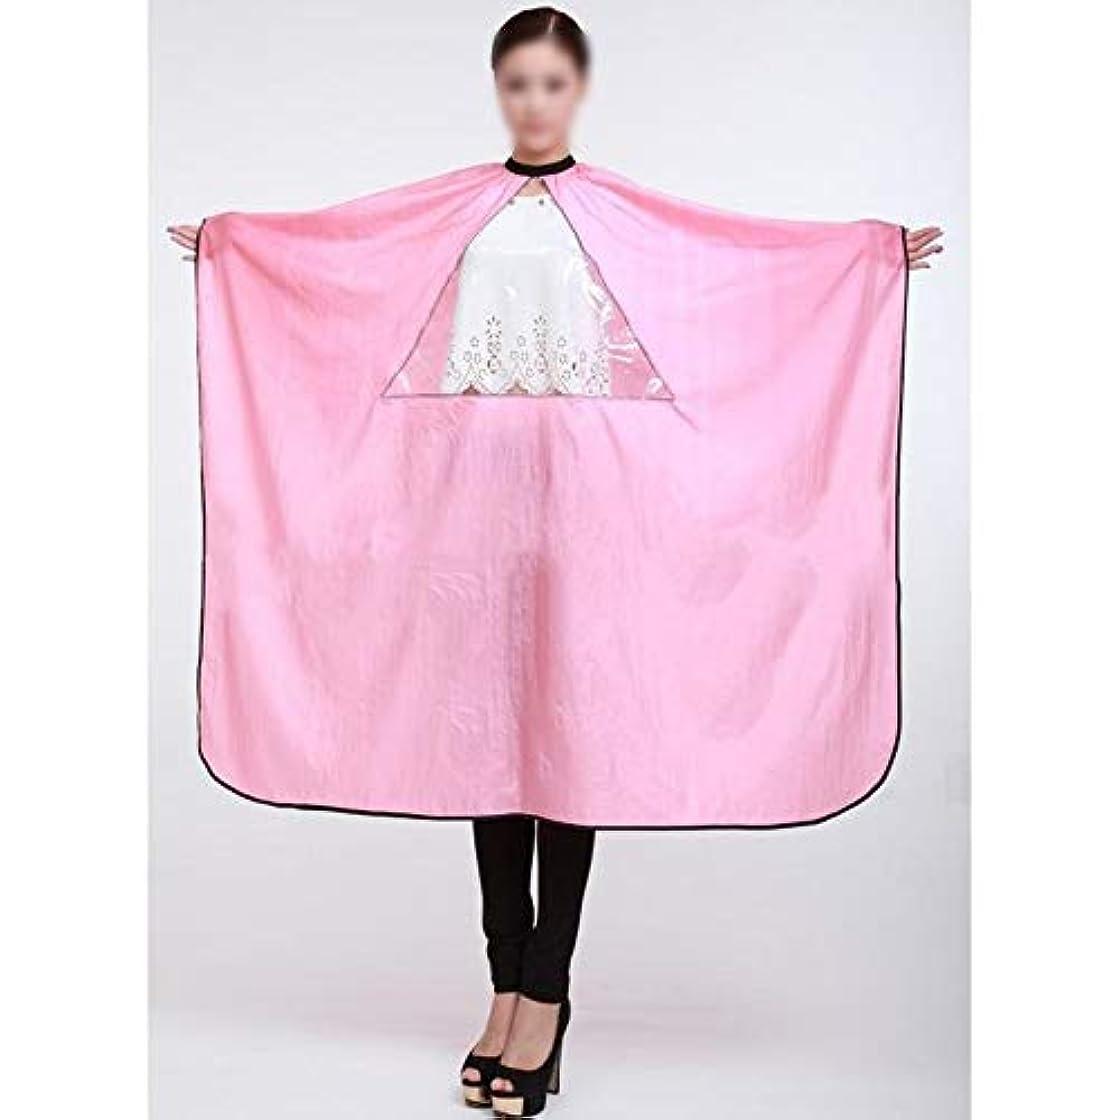 恥とげ年Lucy Day 理髪店の防水毛の切断の岬のための美容院のエプロンの毛布 (色 : ピンク)